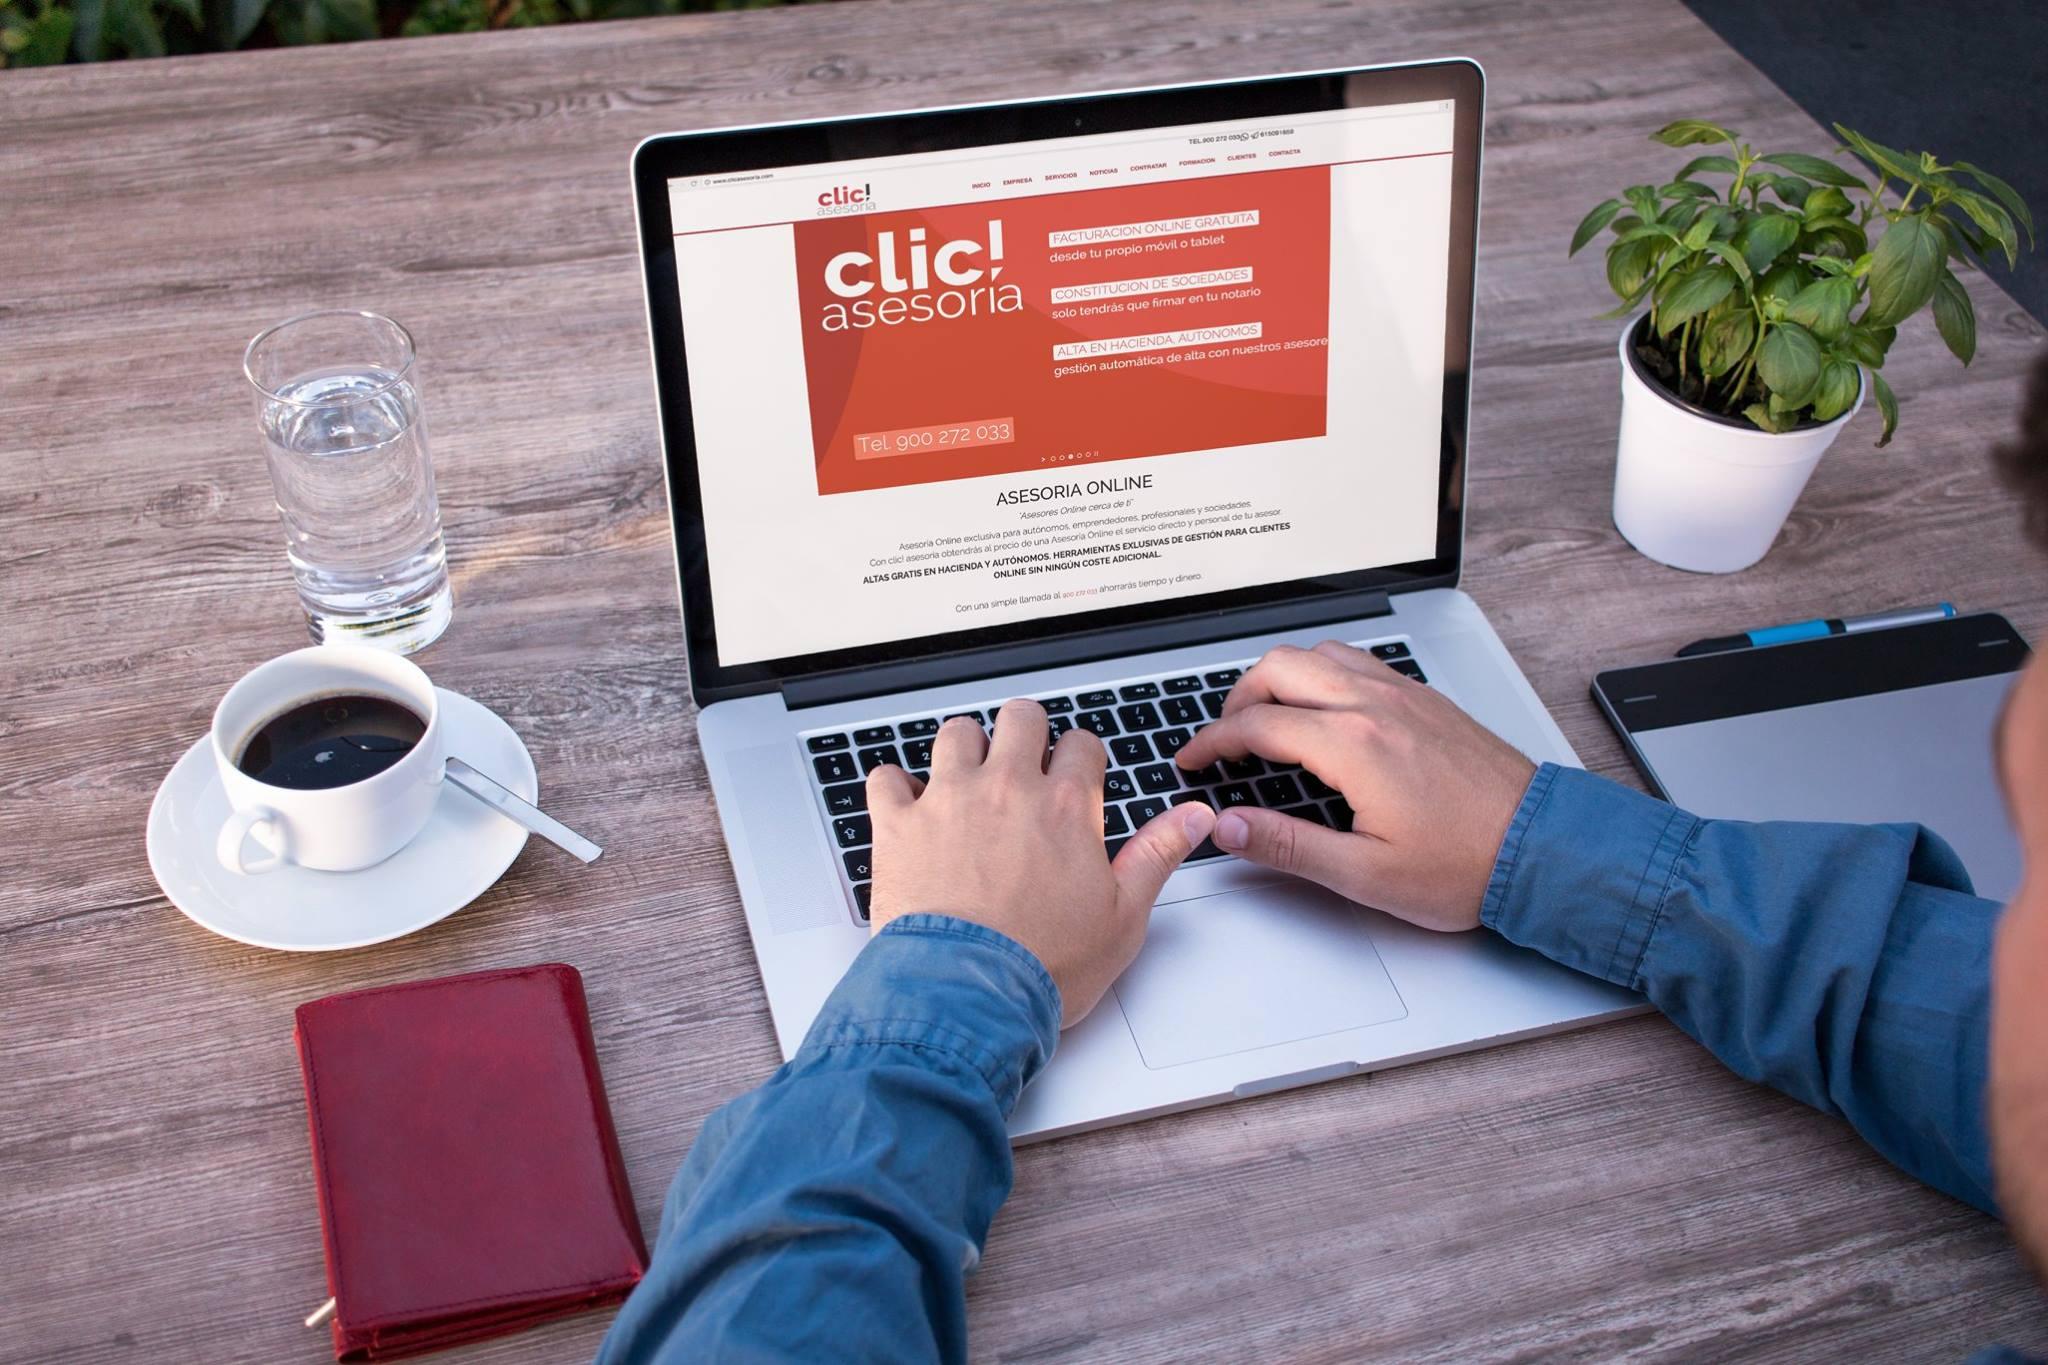 CLIC! ASESORÍA. Franquicia de asesoría online